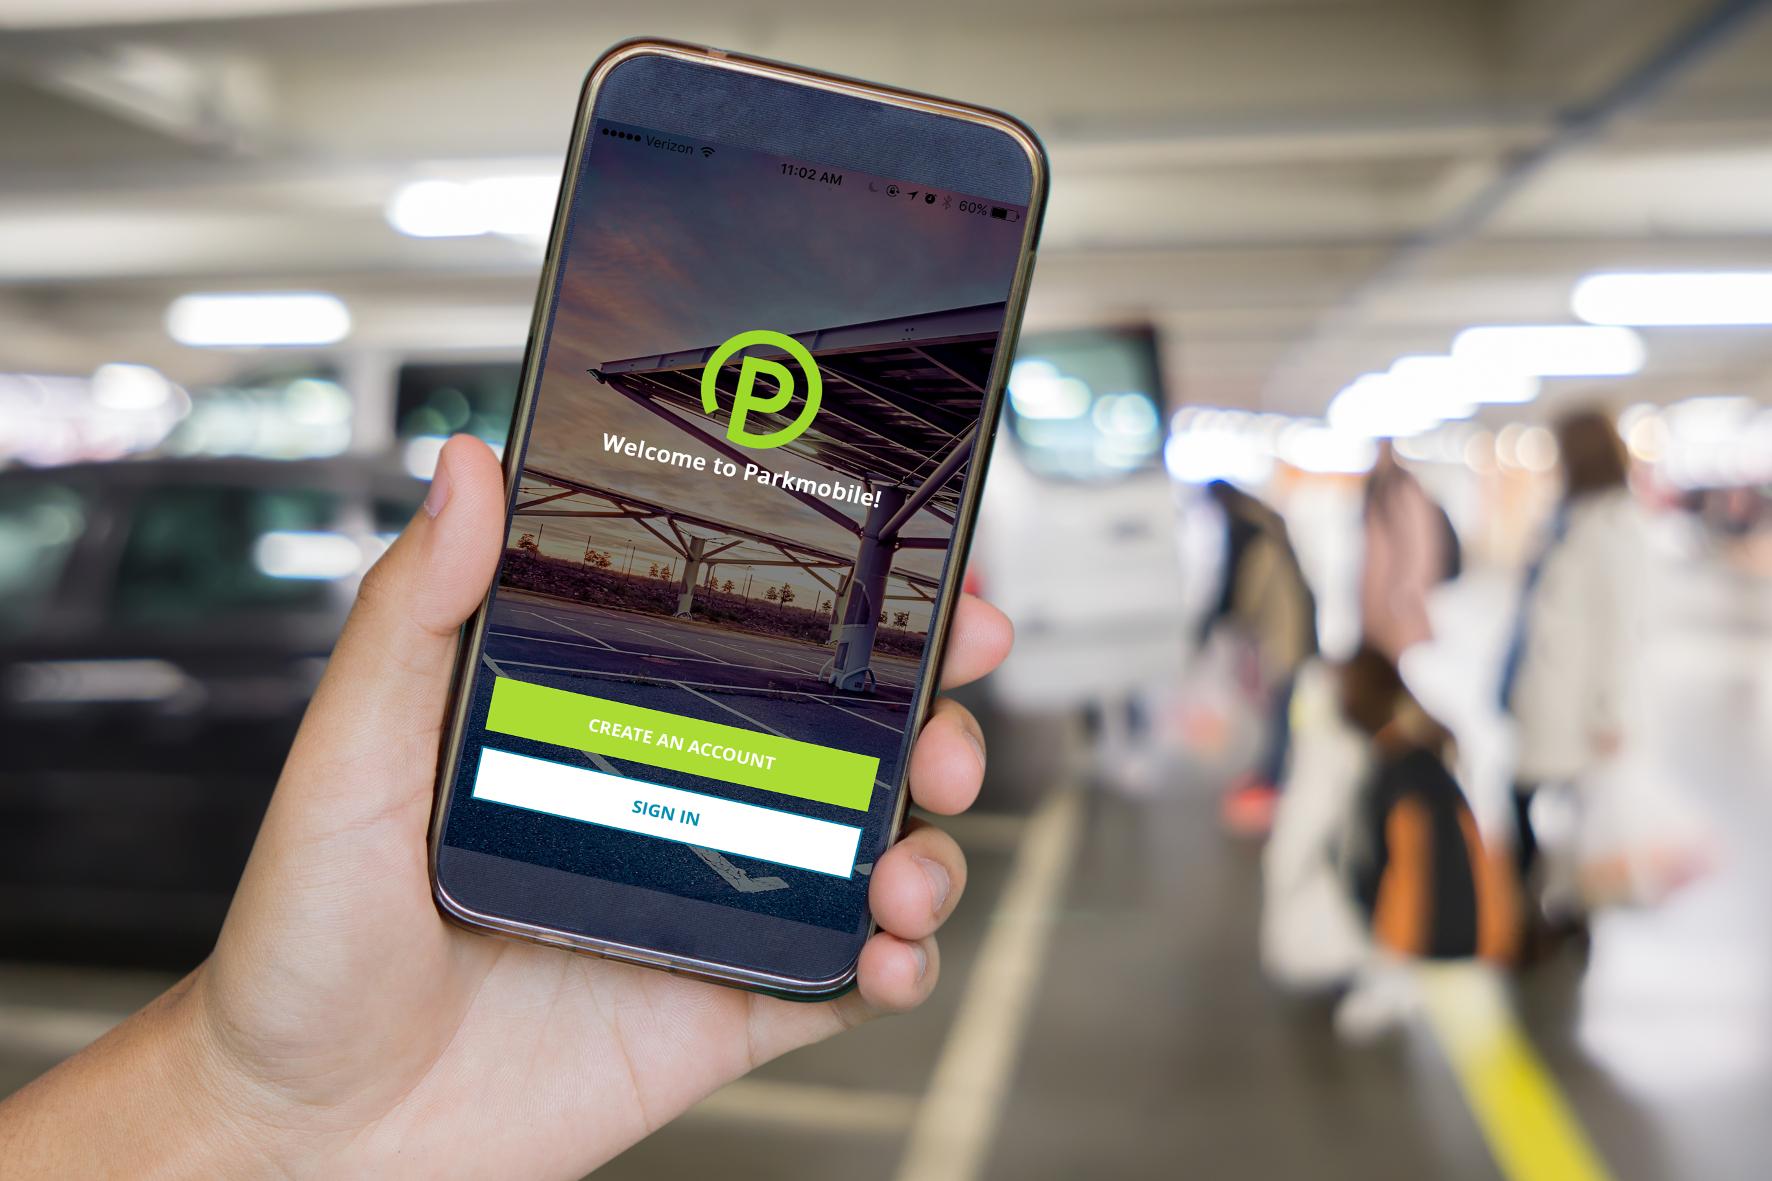 mid Groß-Gerau - Parkmobile versorgt aktuell 22 Millionen Autofahrer mit digitalen Parkangeboten. BMW